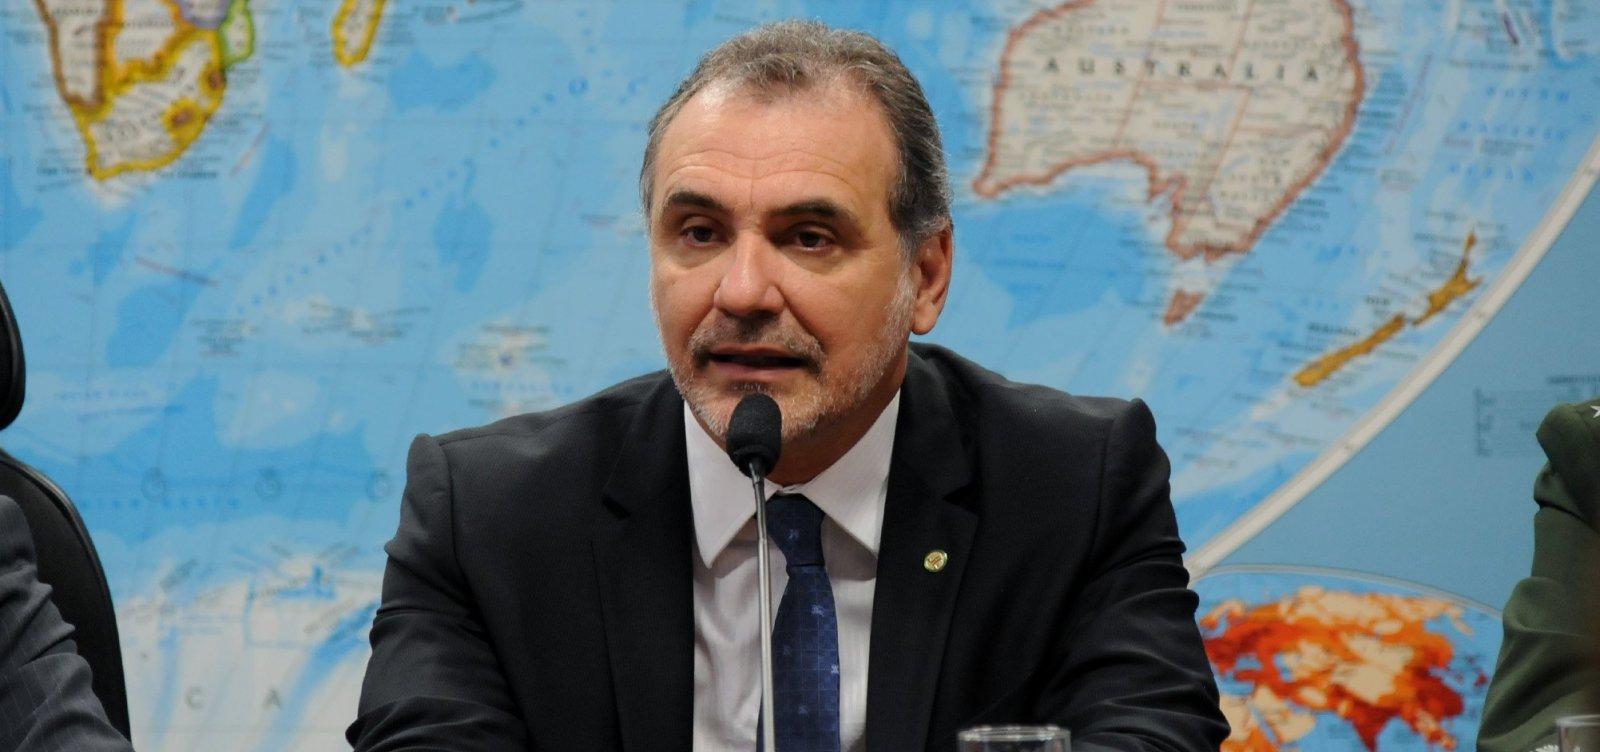 [Reeleito, Pelegrino mira prefeitura de Salvador: 'Já comecei a conversar com o governador']